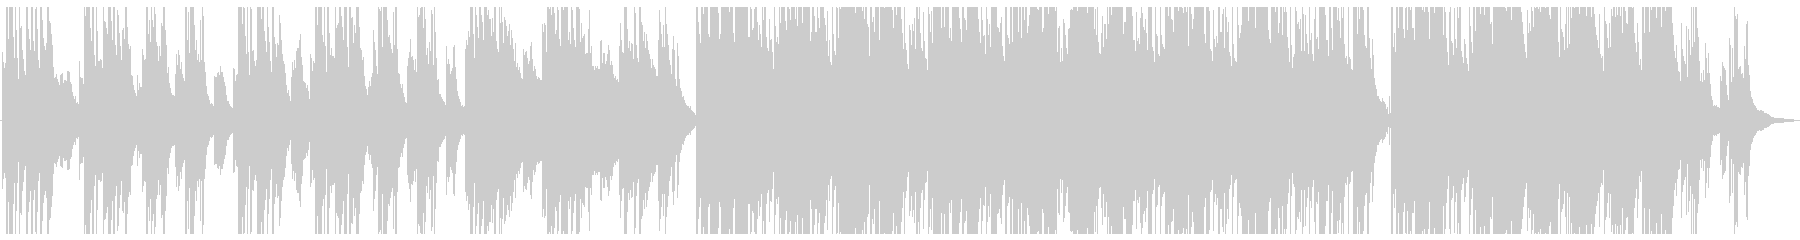 ピアノとアコギが印象的なしっとりBGMの未再生の波形